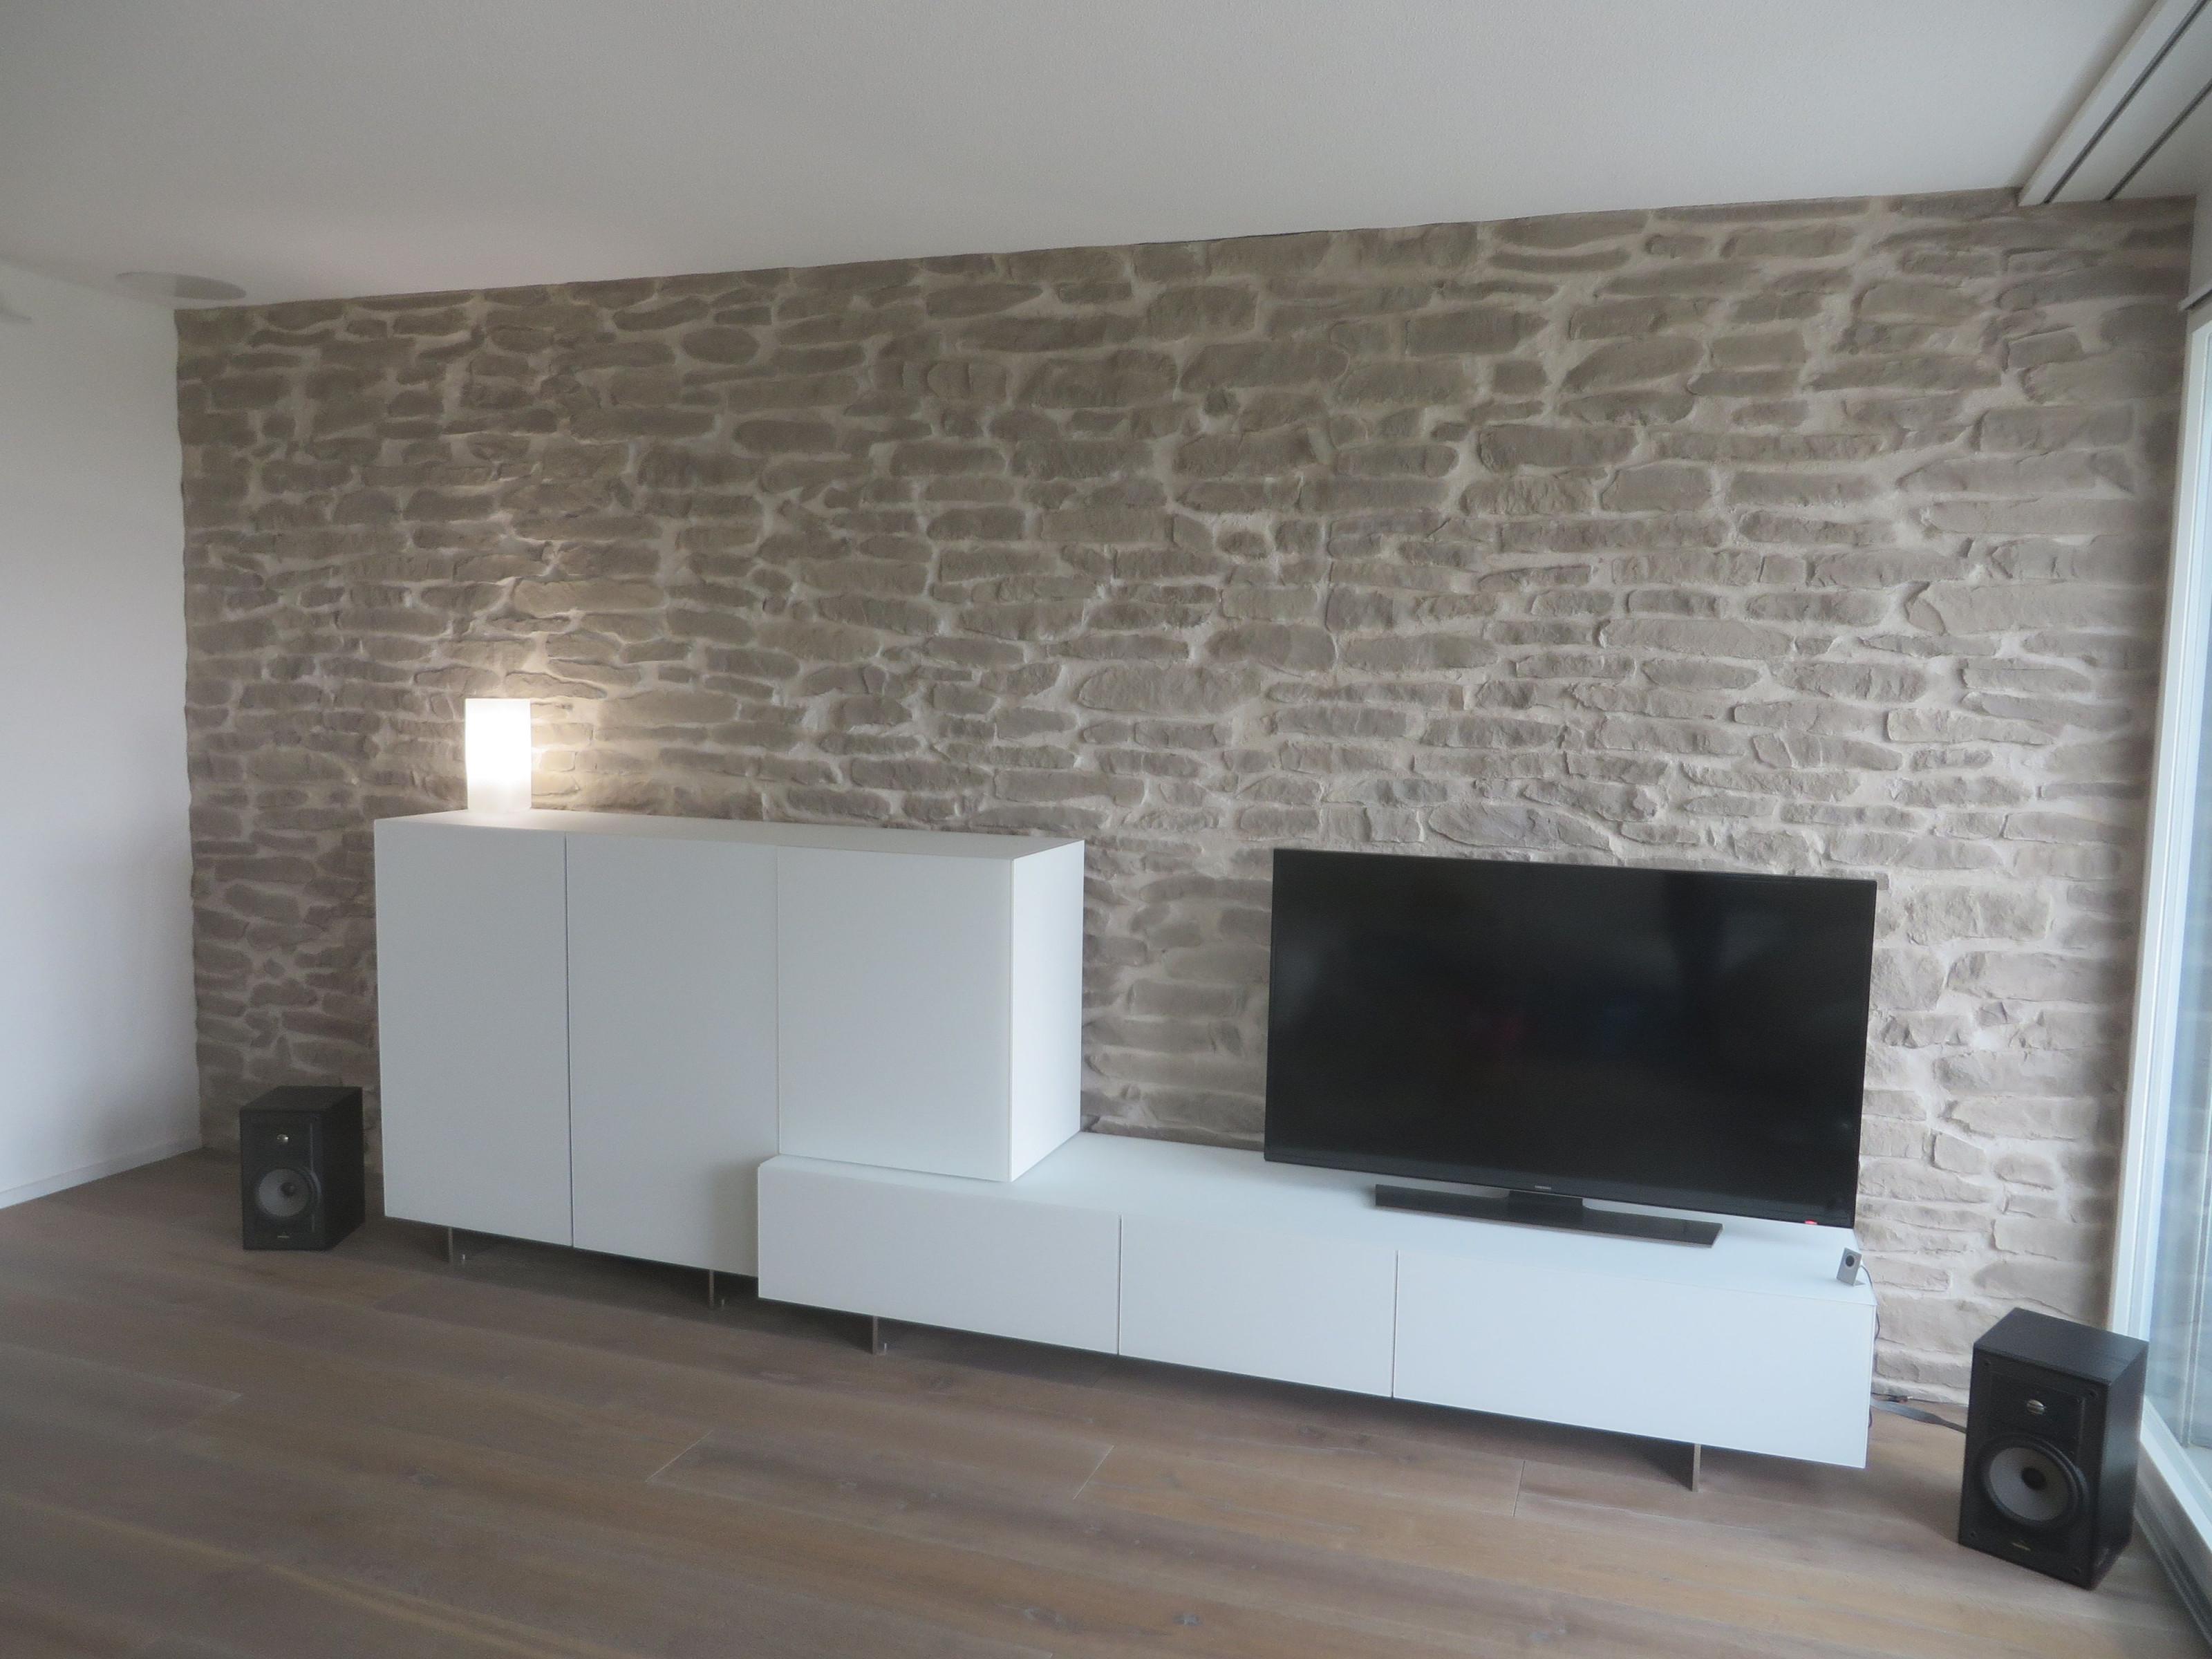 Wohnzimmerwand Steinoptik Lajas  Wandgestaltung Wohnzimmer von Wohnzimmer Gestalten Wände Photo